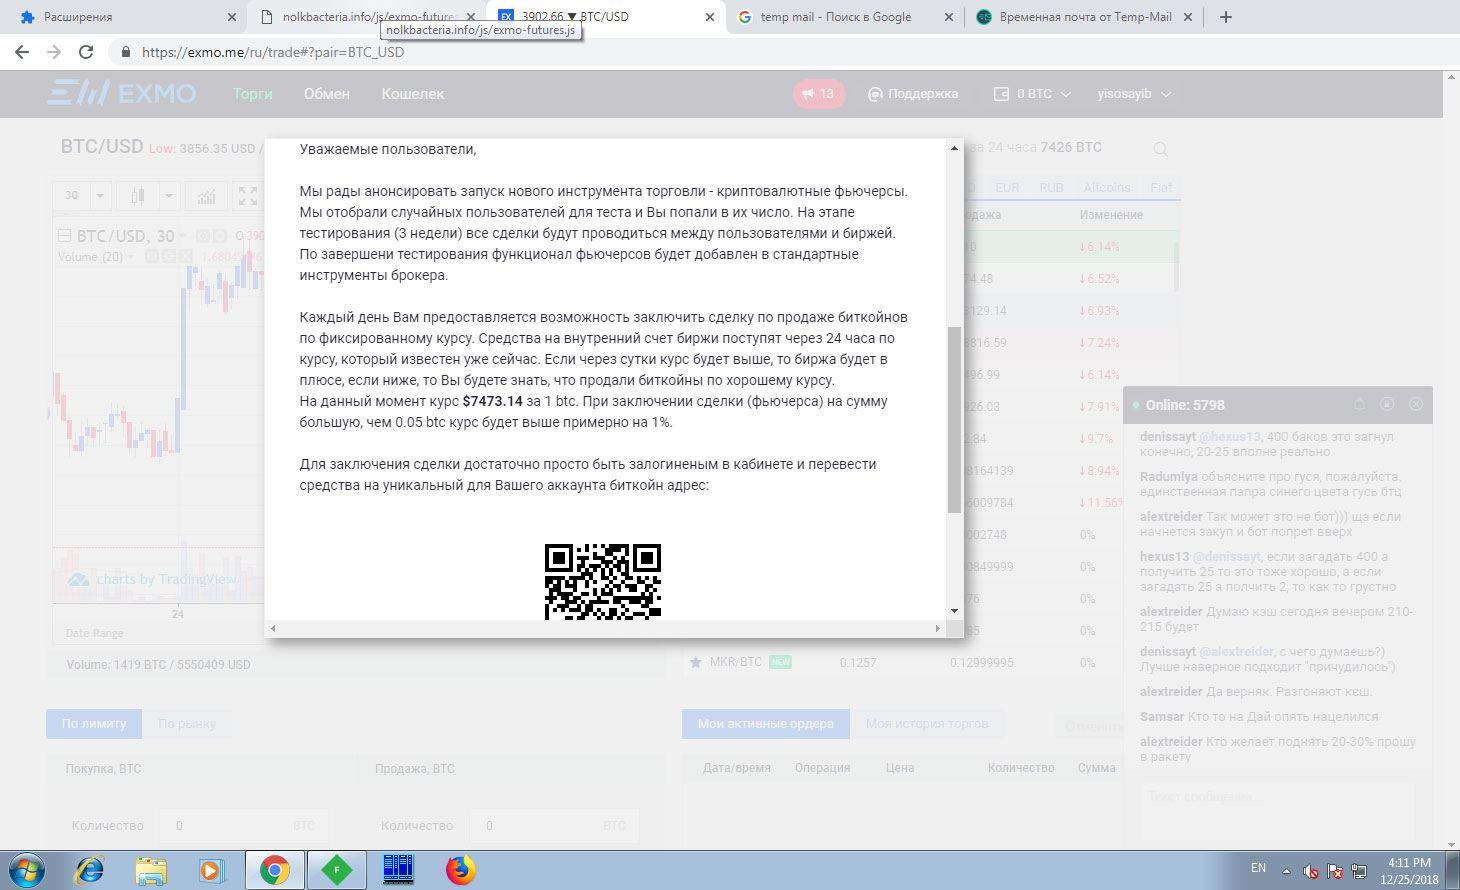 El troyano Razy muestra ofertas falsas en los sitios de intercambio de criptomonedas